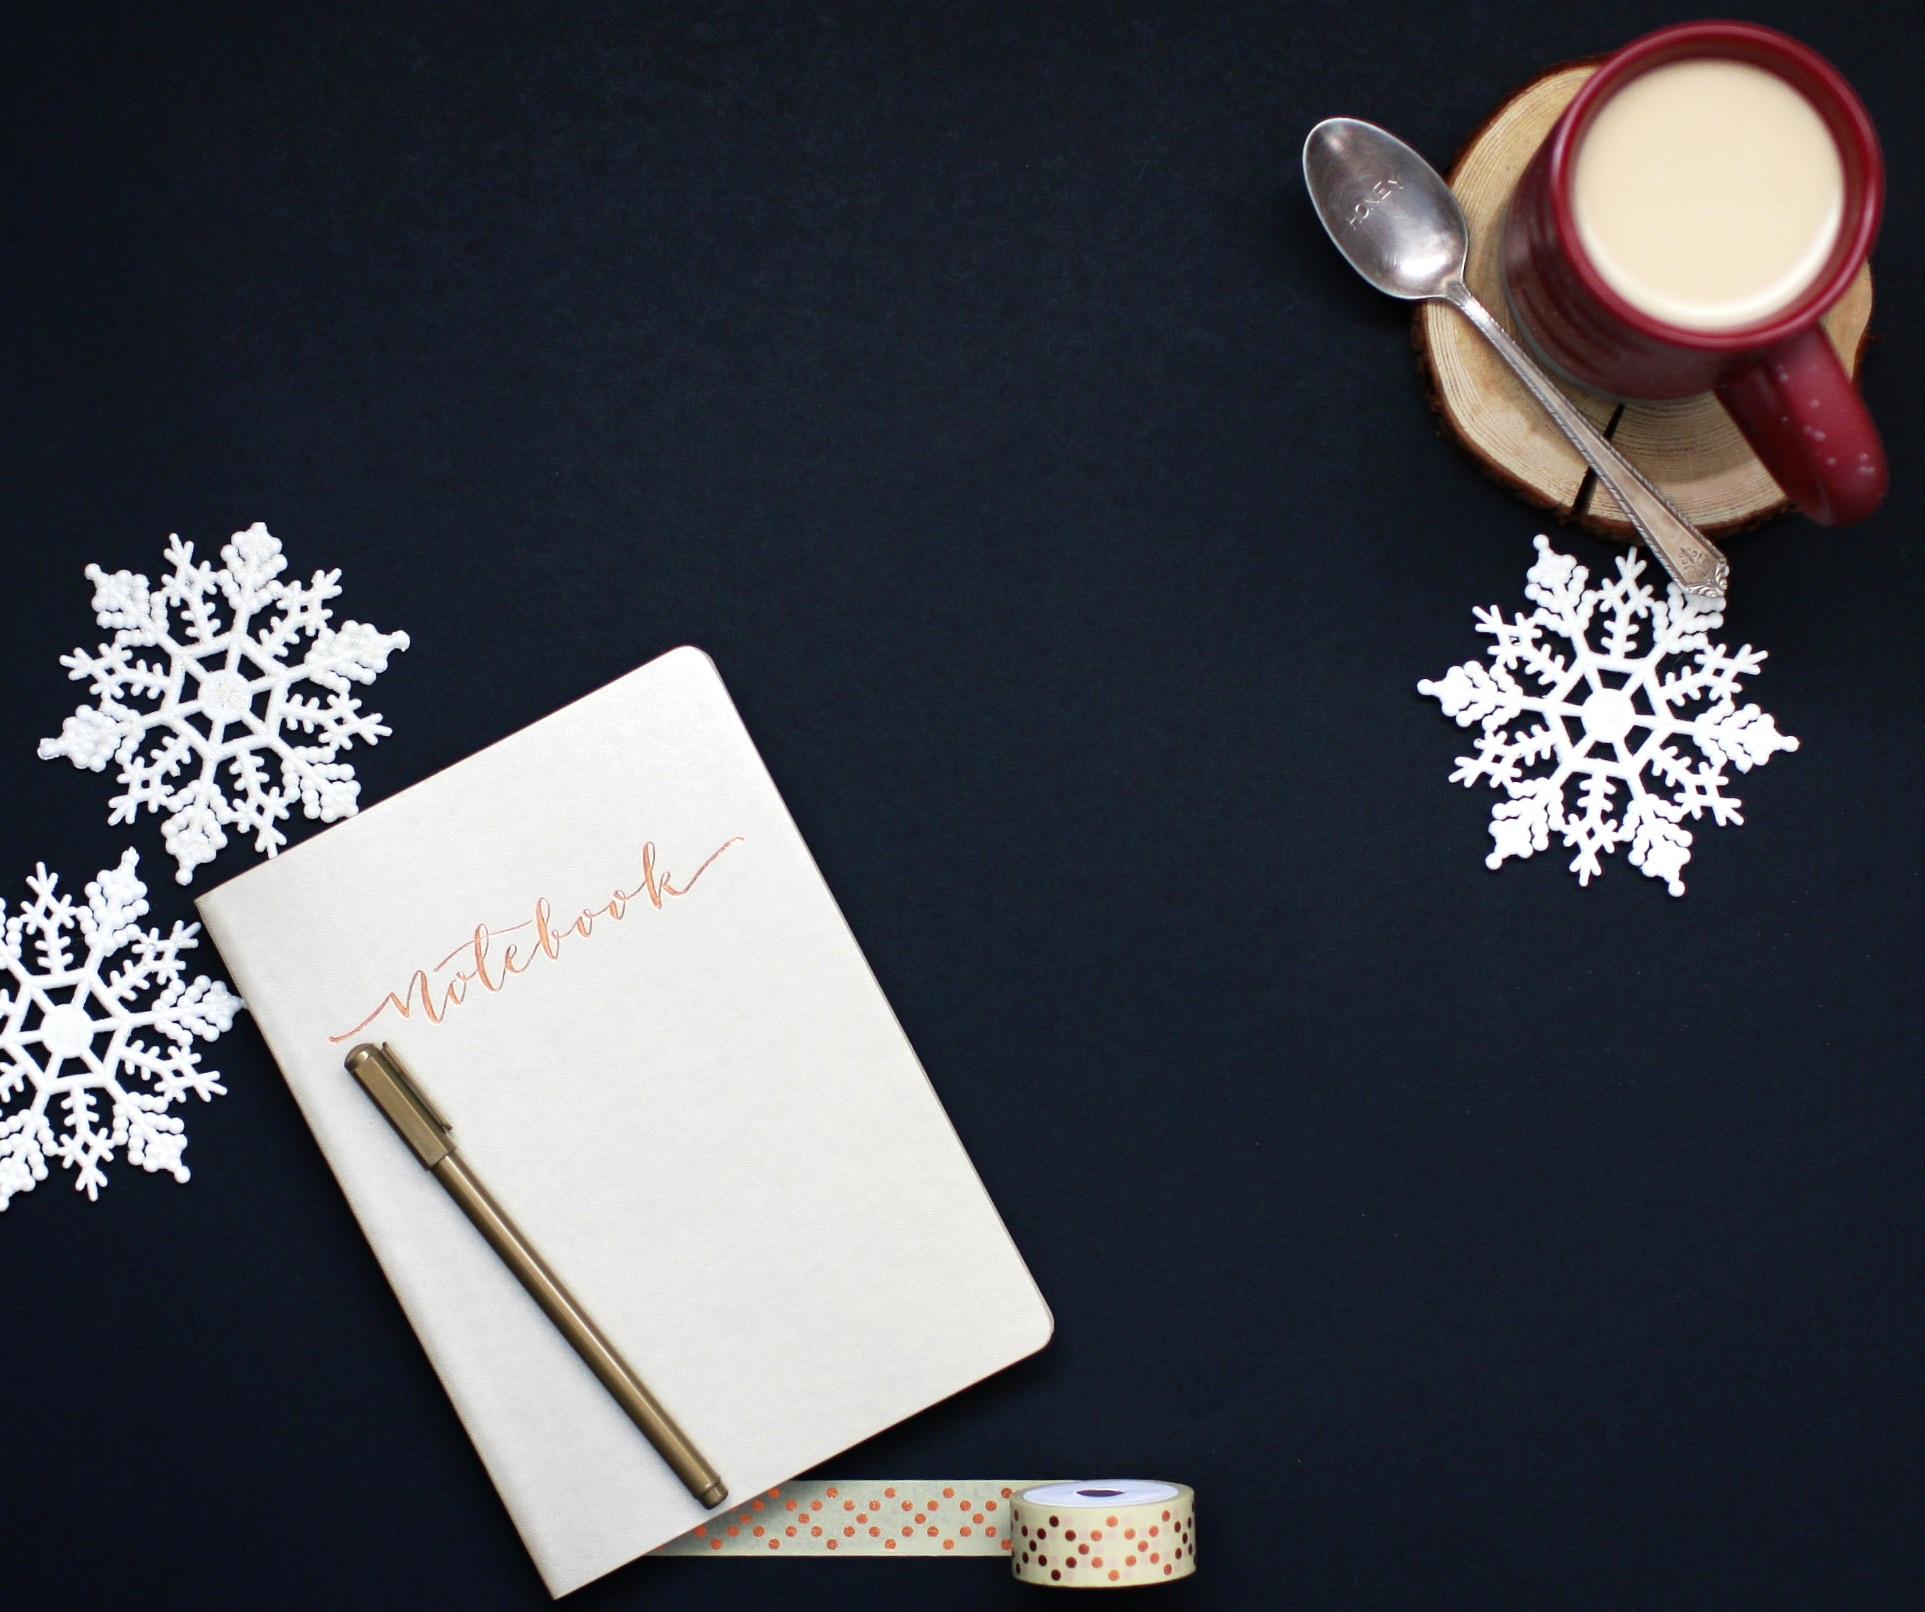 Studniówka, czyli 100 dni do Świąt Bożego Narodzenia